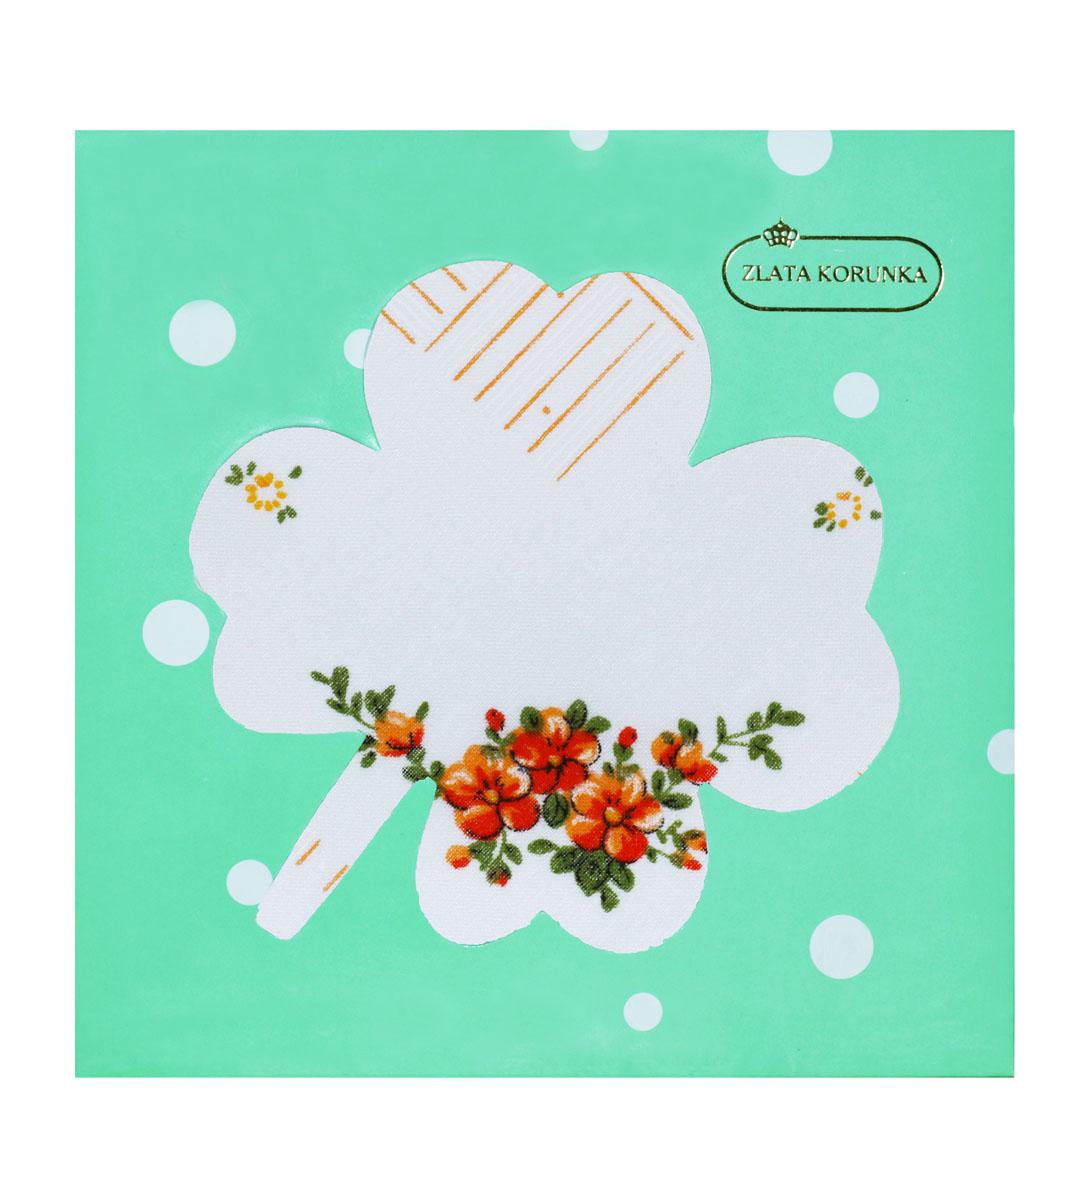 Платок носовой женский Zlata Korunka, цвет: белый. 90126-18. Размер 28 см х 28 смСерьги с подвескамиОригинальный женский носовой платок Zlata Korunka изготовлен из высококачественного натурального хлопка, благодаря чему приятен в использовании, хорошо стирается, не садится и отлично впитывает влагу. Практичный и изящный носовой платок будет незаменим в повседневной жизни любого современного человека. Такой платок послужит стильным аксессуаром и подчеркнет ваше превосходное чувство вкуса.